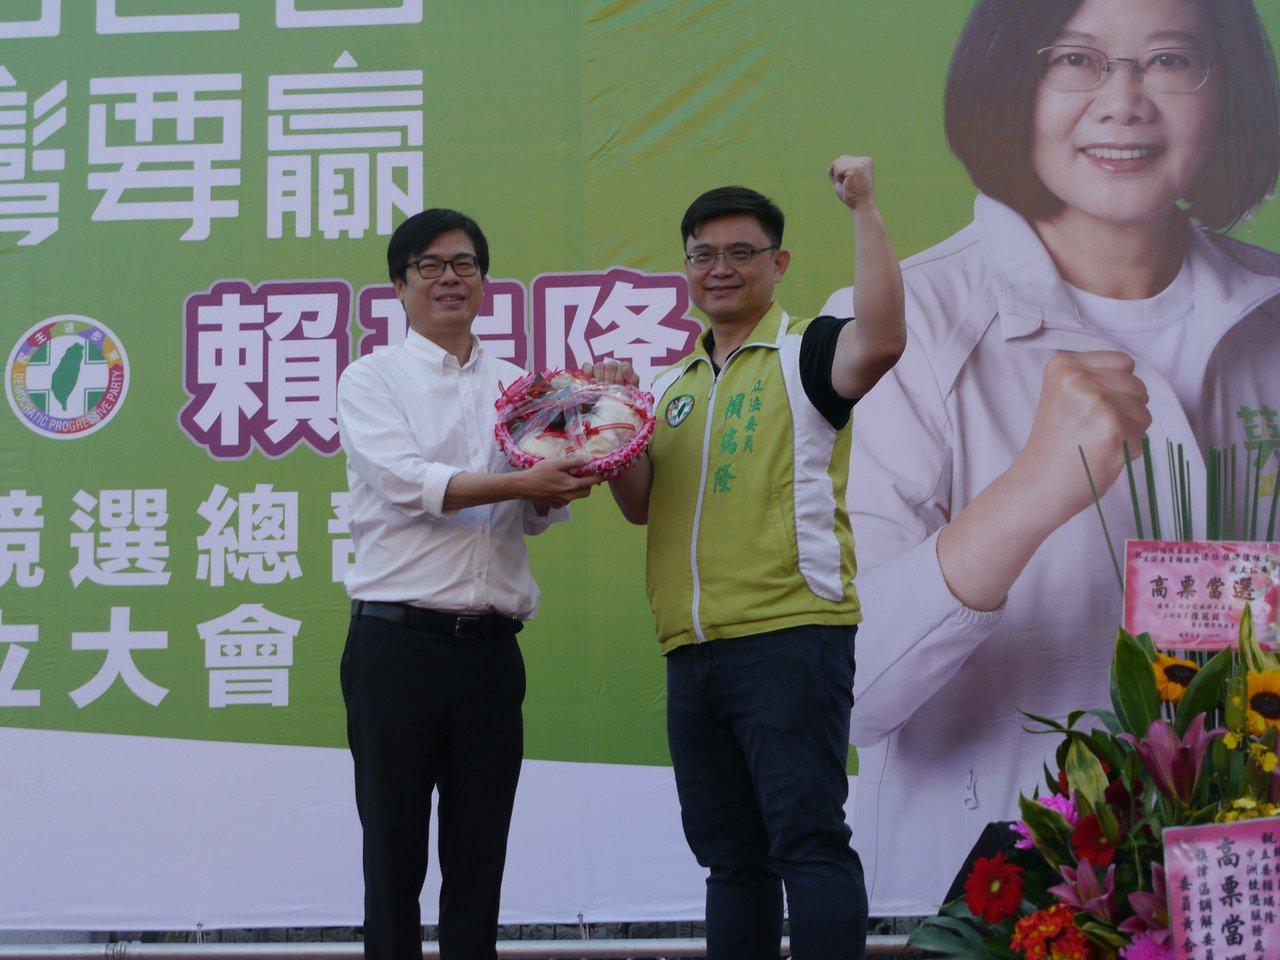 行政院副院長陳其邁(左)假日輔選行程滿檔,他過去也曾服務過旗津選區,在台上特別有...